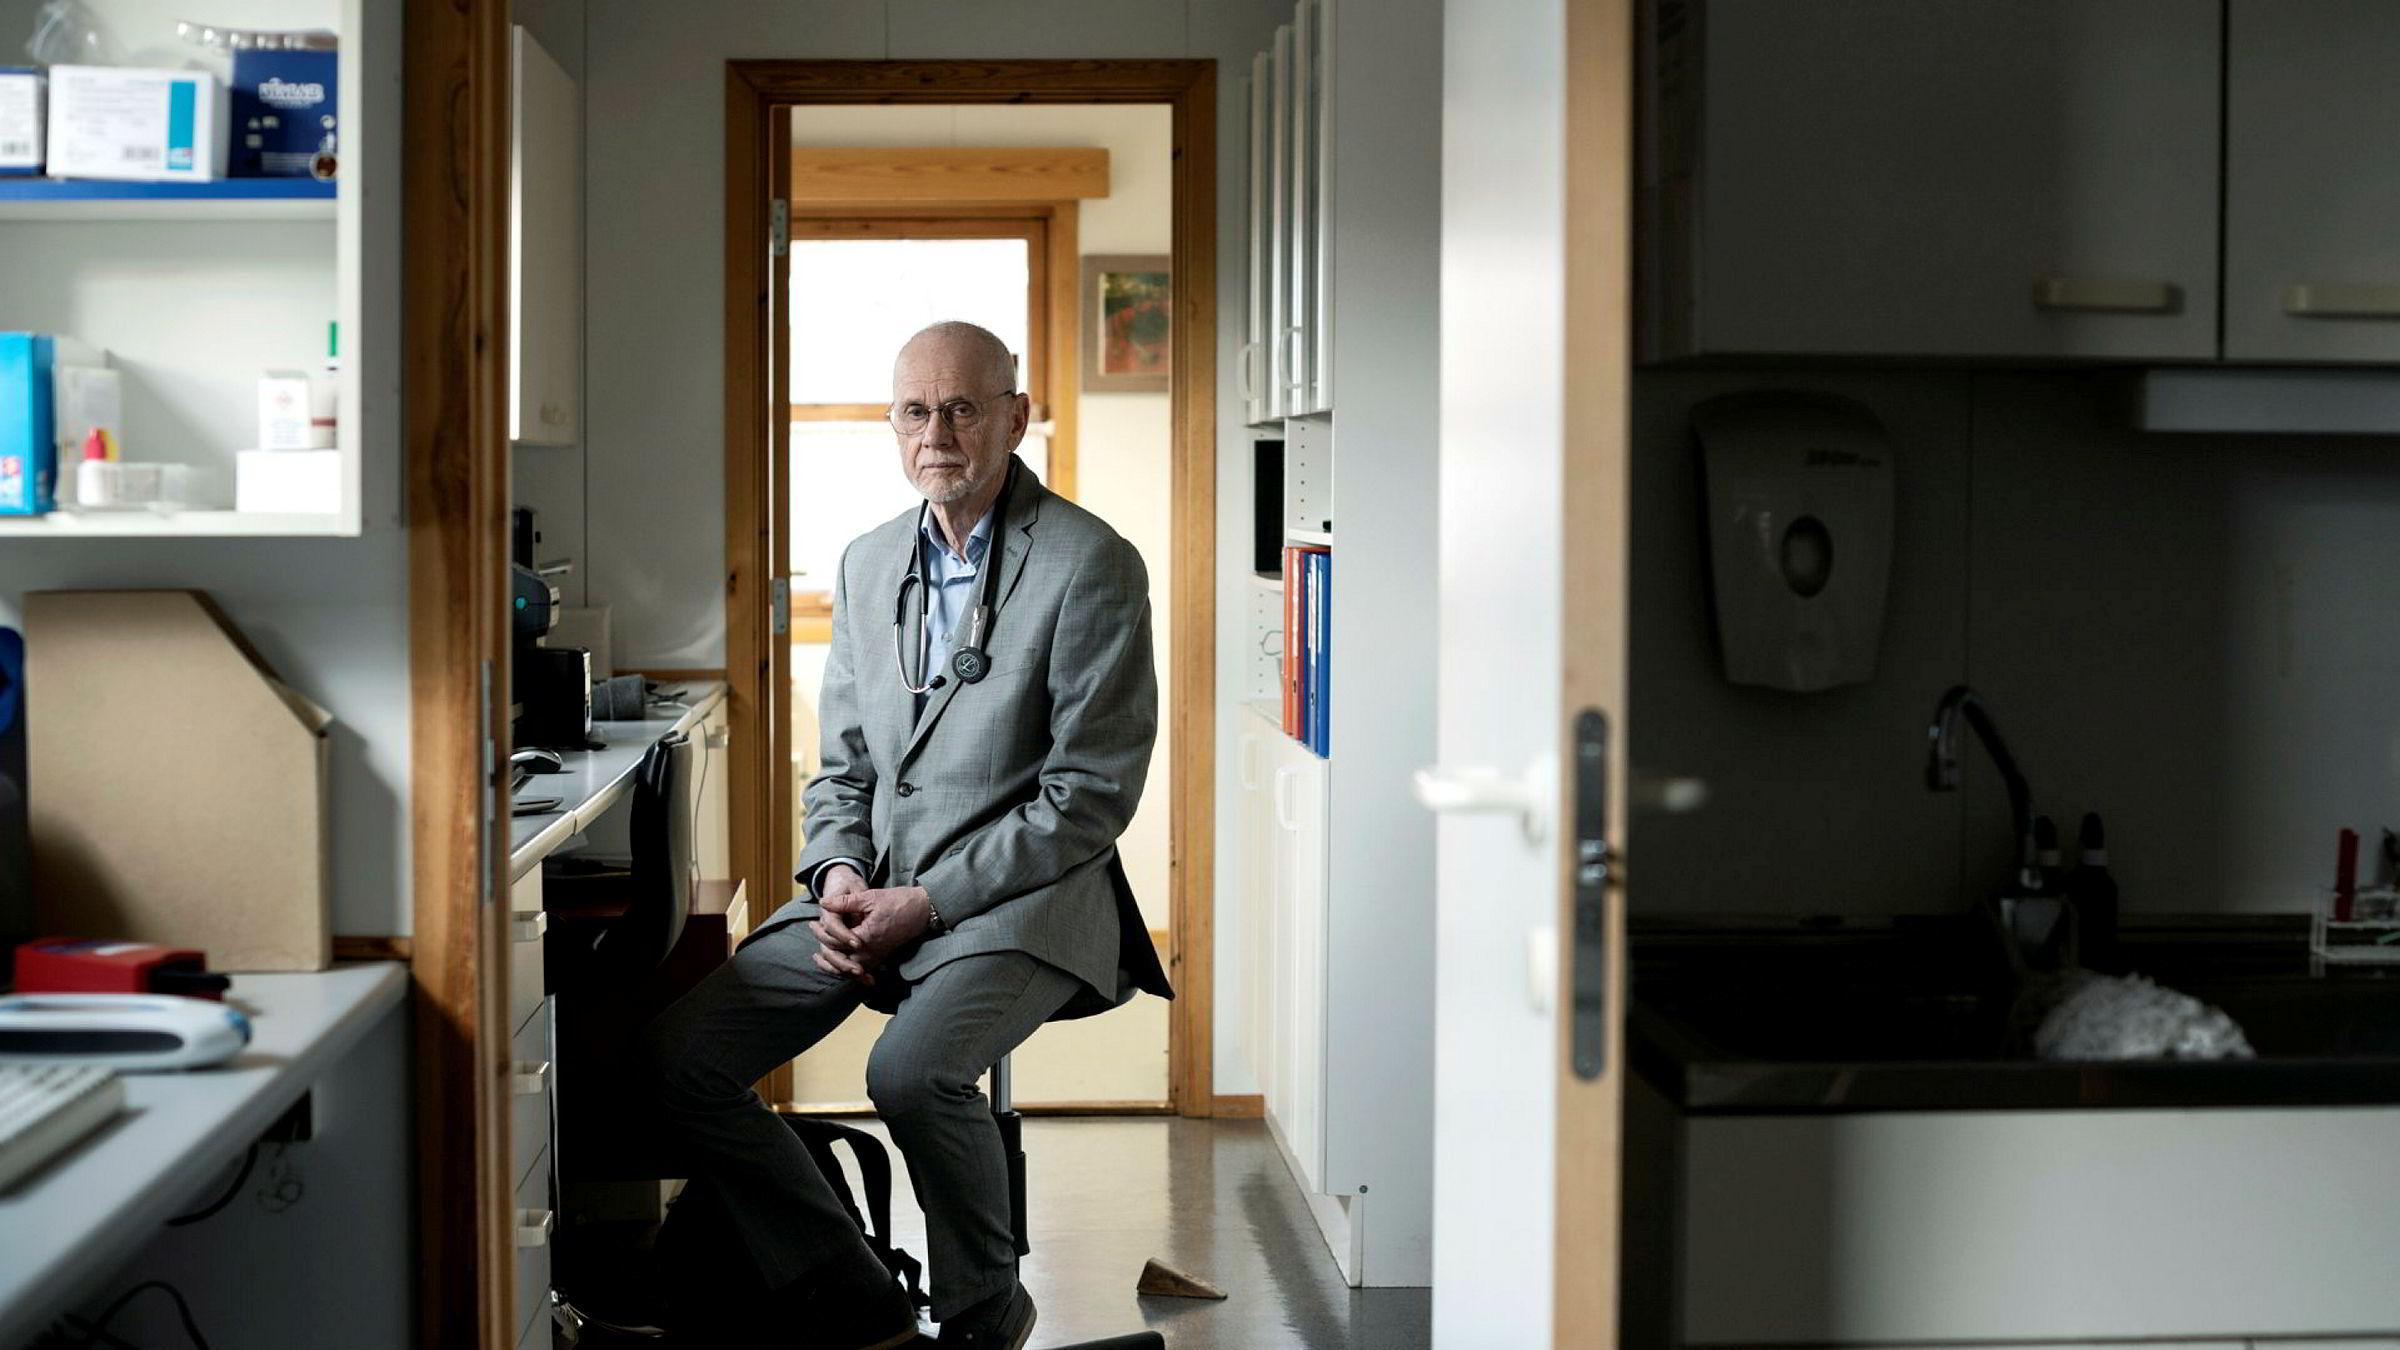 Pensjonert lege og eier av Fornebu legesenter, Peter Dvergsdal, har i flere år behandlet pasienter med luftveisinfeksjoner med preparatet som brukes mot koronavirus i Japan.